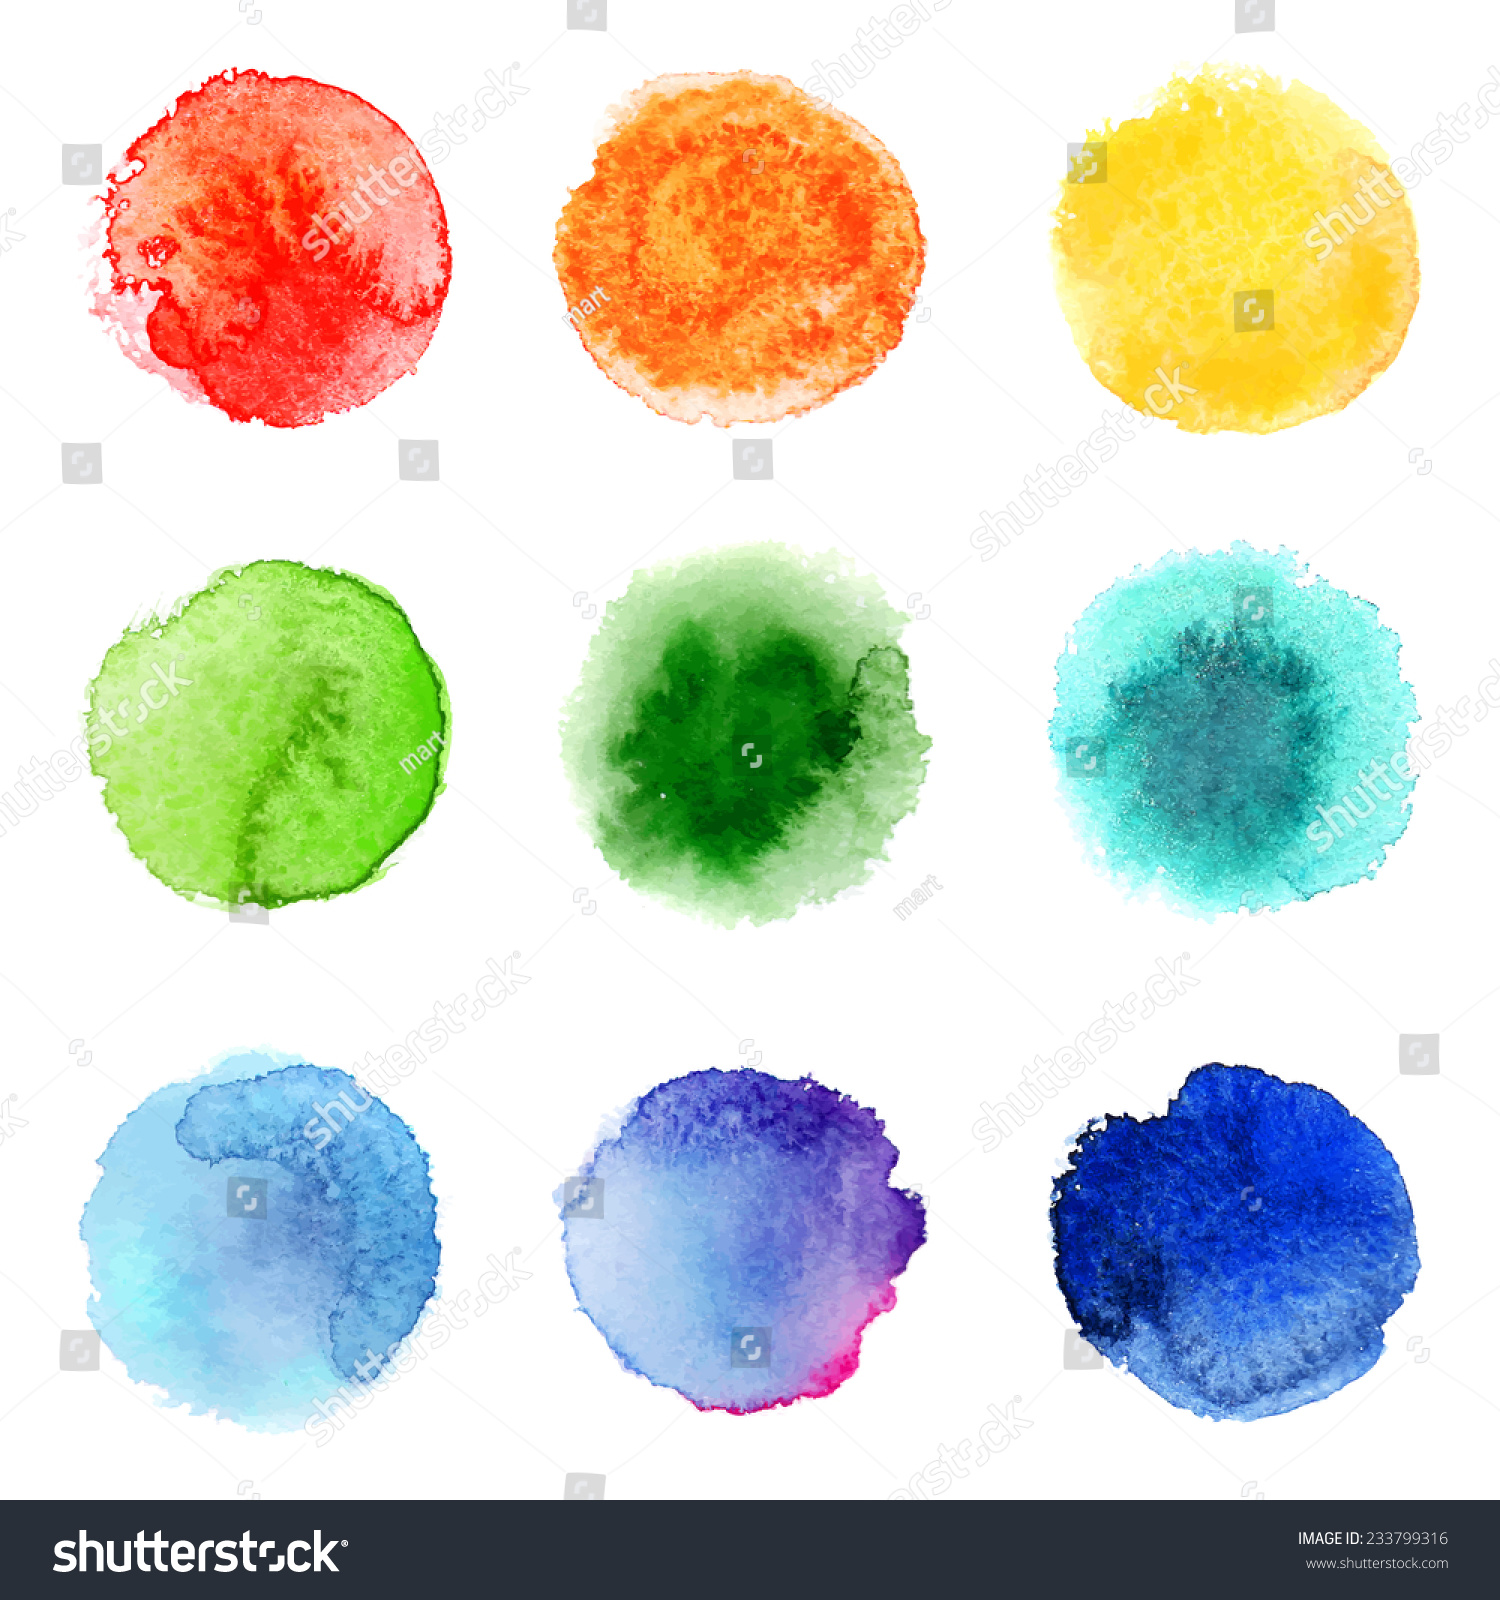 9轮手绘水彩样本